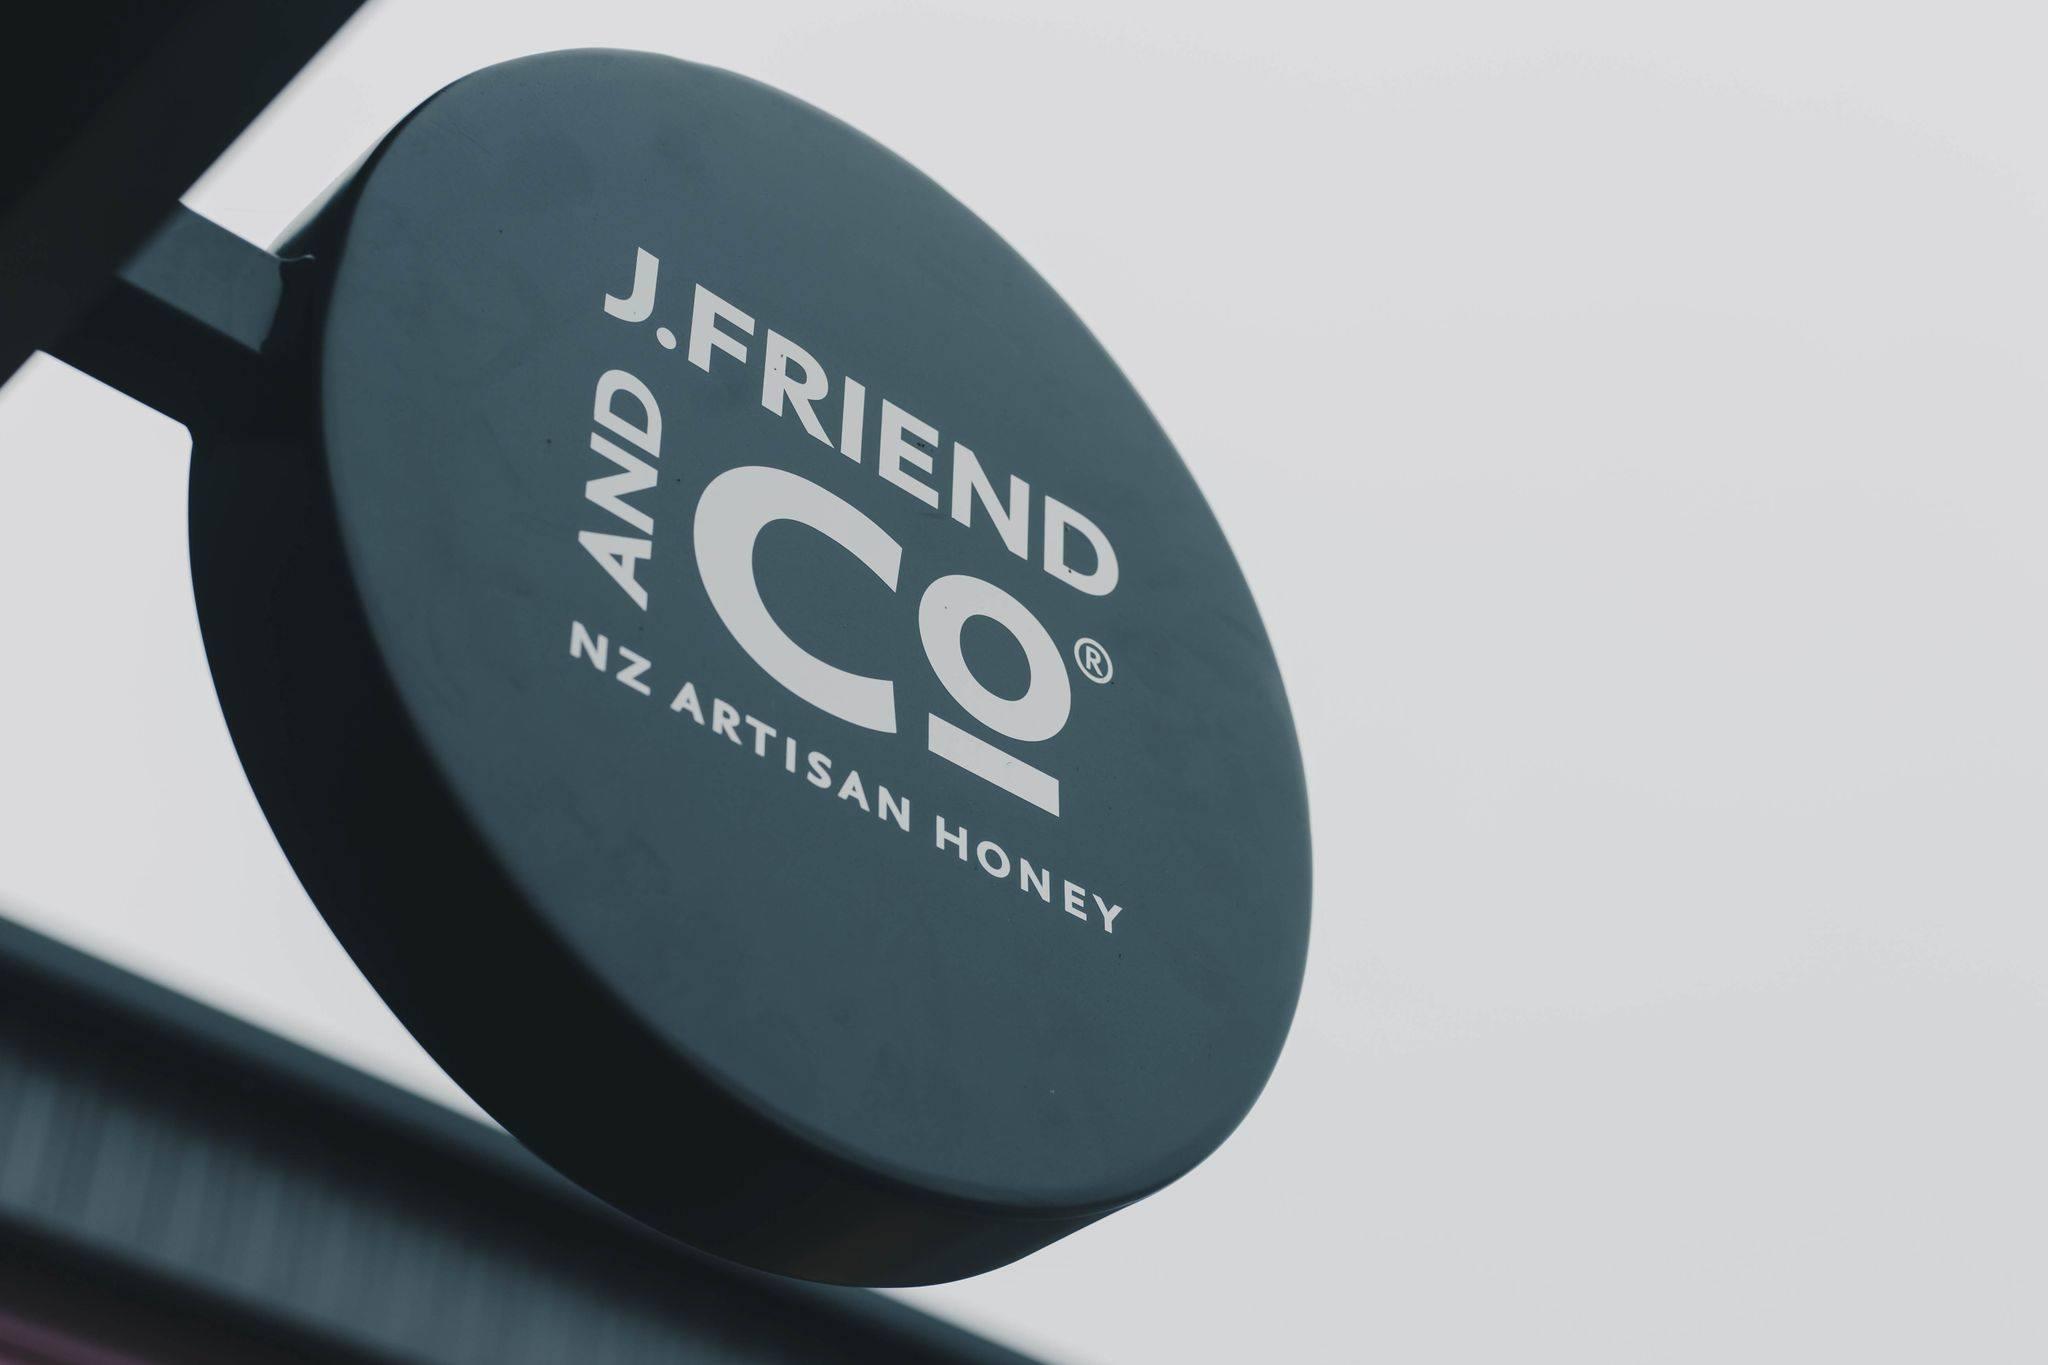 J.Friend マヌカハニー 160g×お買い得2個セット【ニュージーランド産オーガニックハニー】【即出荷/送料込み価格】